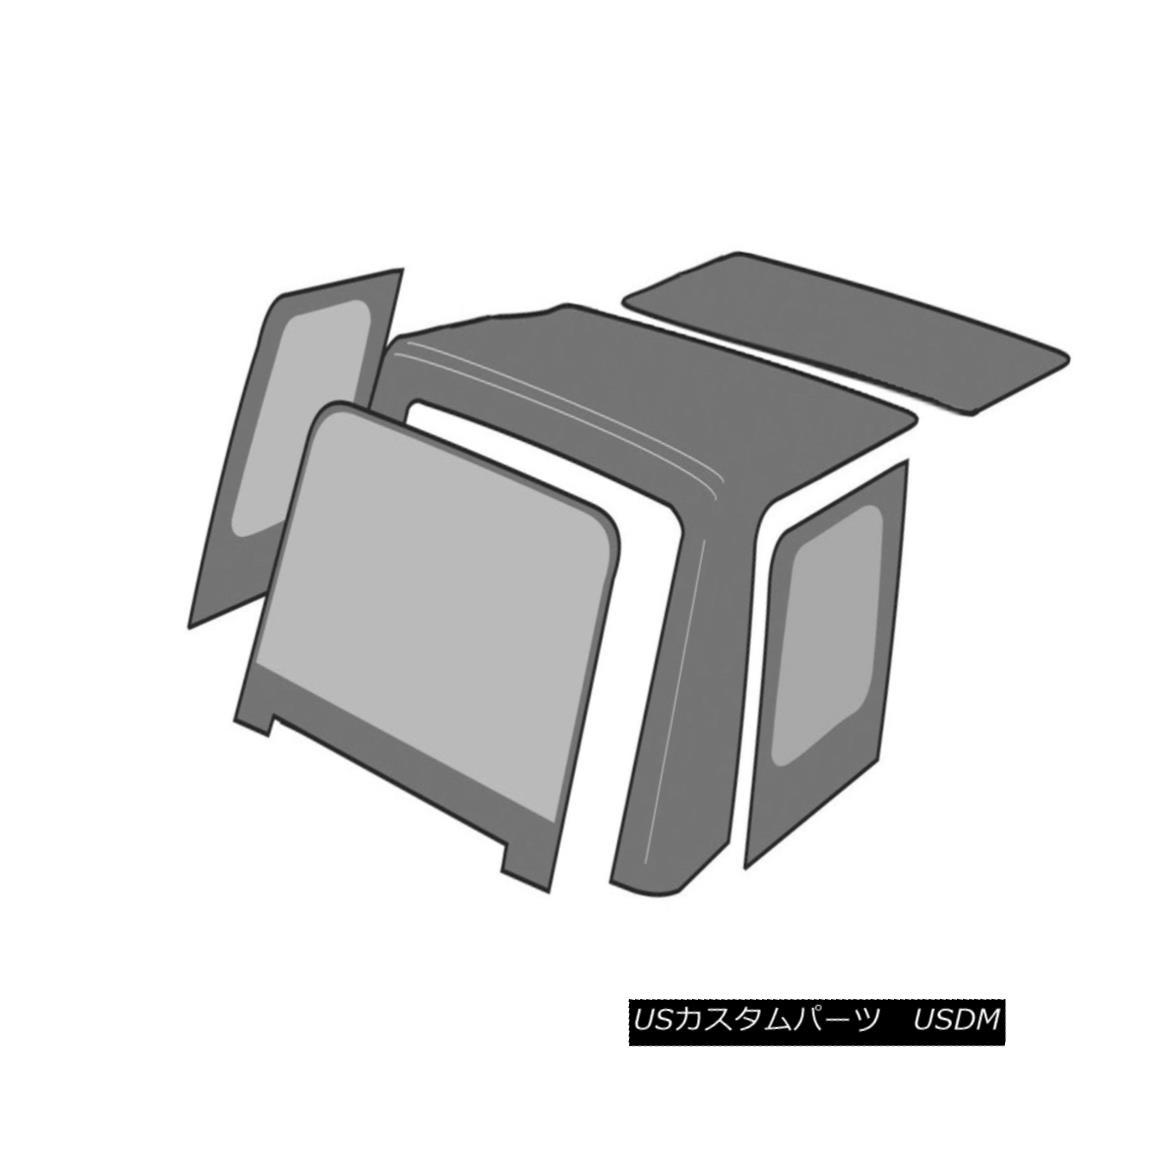 幌・ソフトトップ Rampage 99315 Factory Replacement Soft Top TJ (Canadian) WRANGLER (97-06TJ) ランペイジ99315工場交換ソフトトップTJ(カナダ)WRANGLER(97-06TJ)